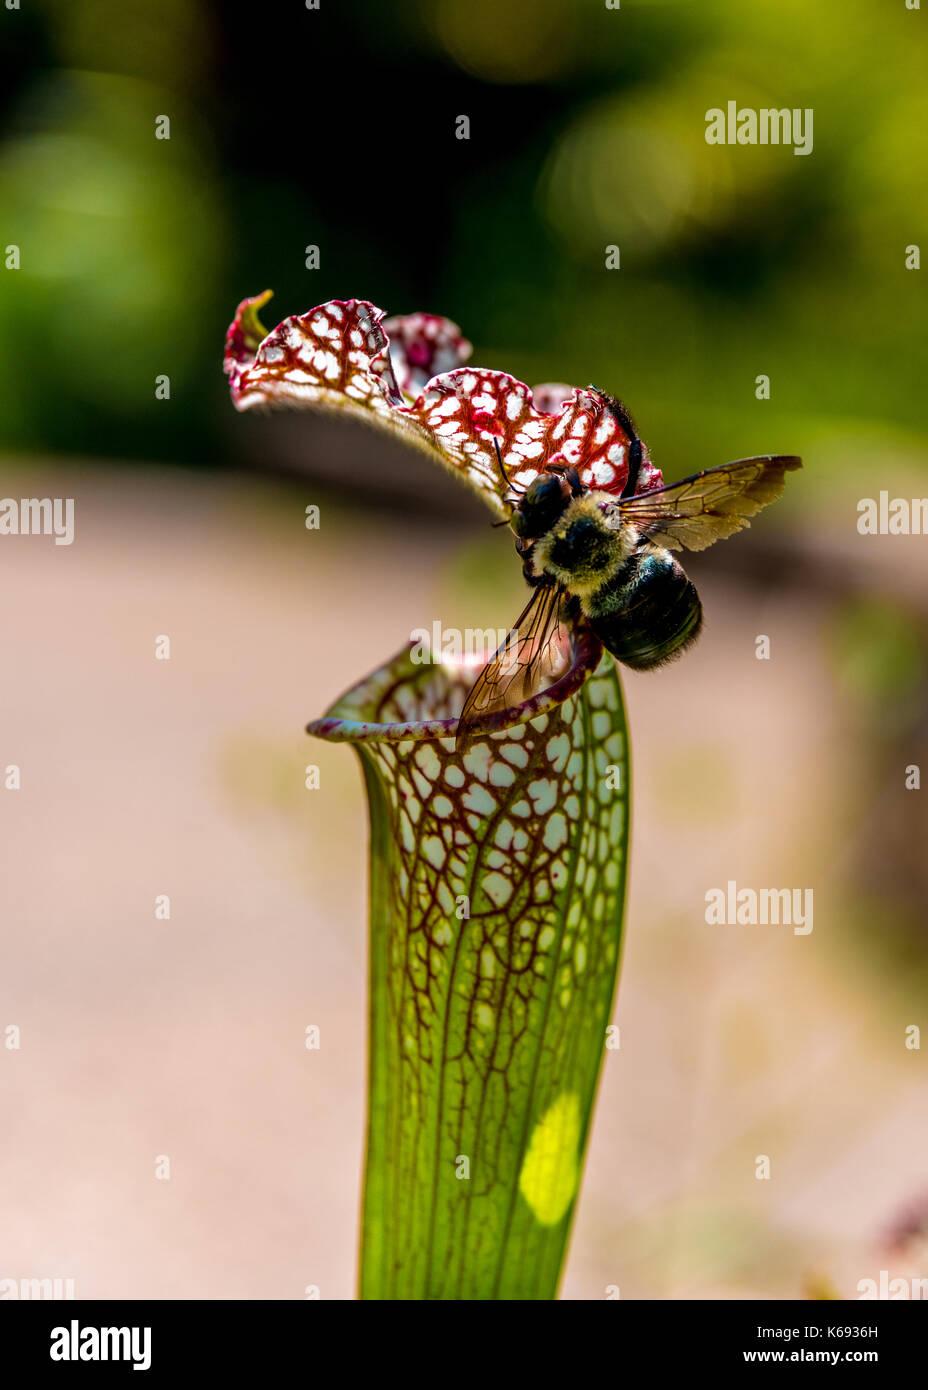 Ape impollinatrice sul bordo di un verde pianta brocca con bordi rossi e le vene, una pianta nativa della Carolina del Nord, Stati Uniti d'America. Immagini Stock